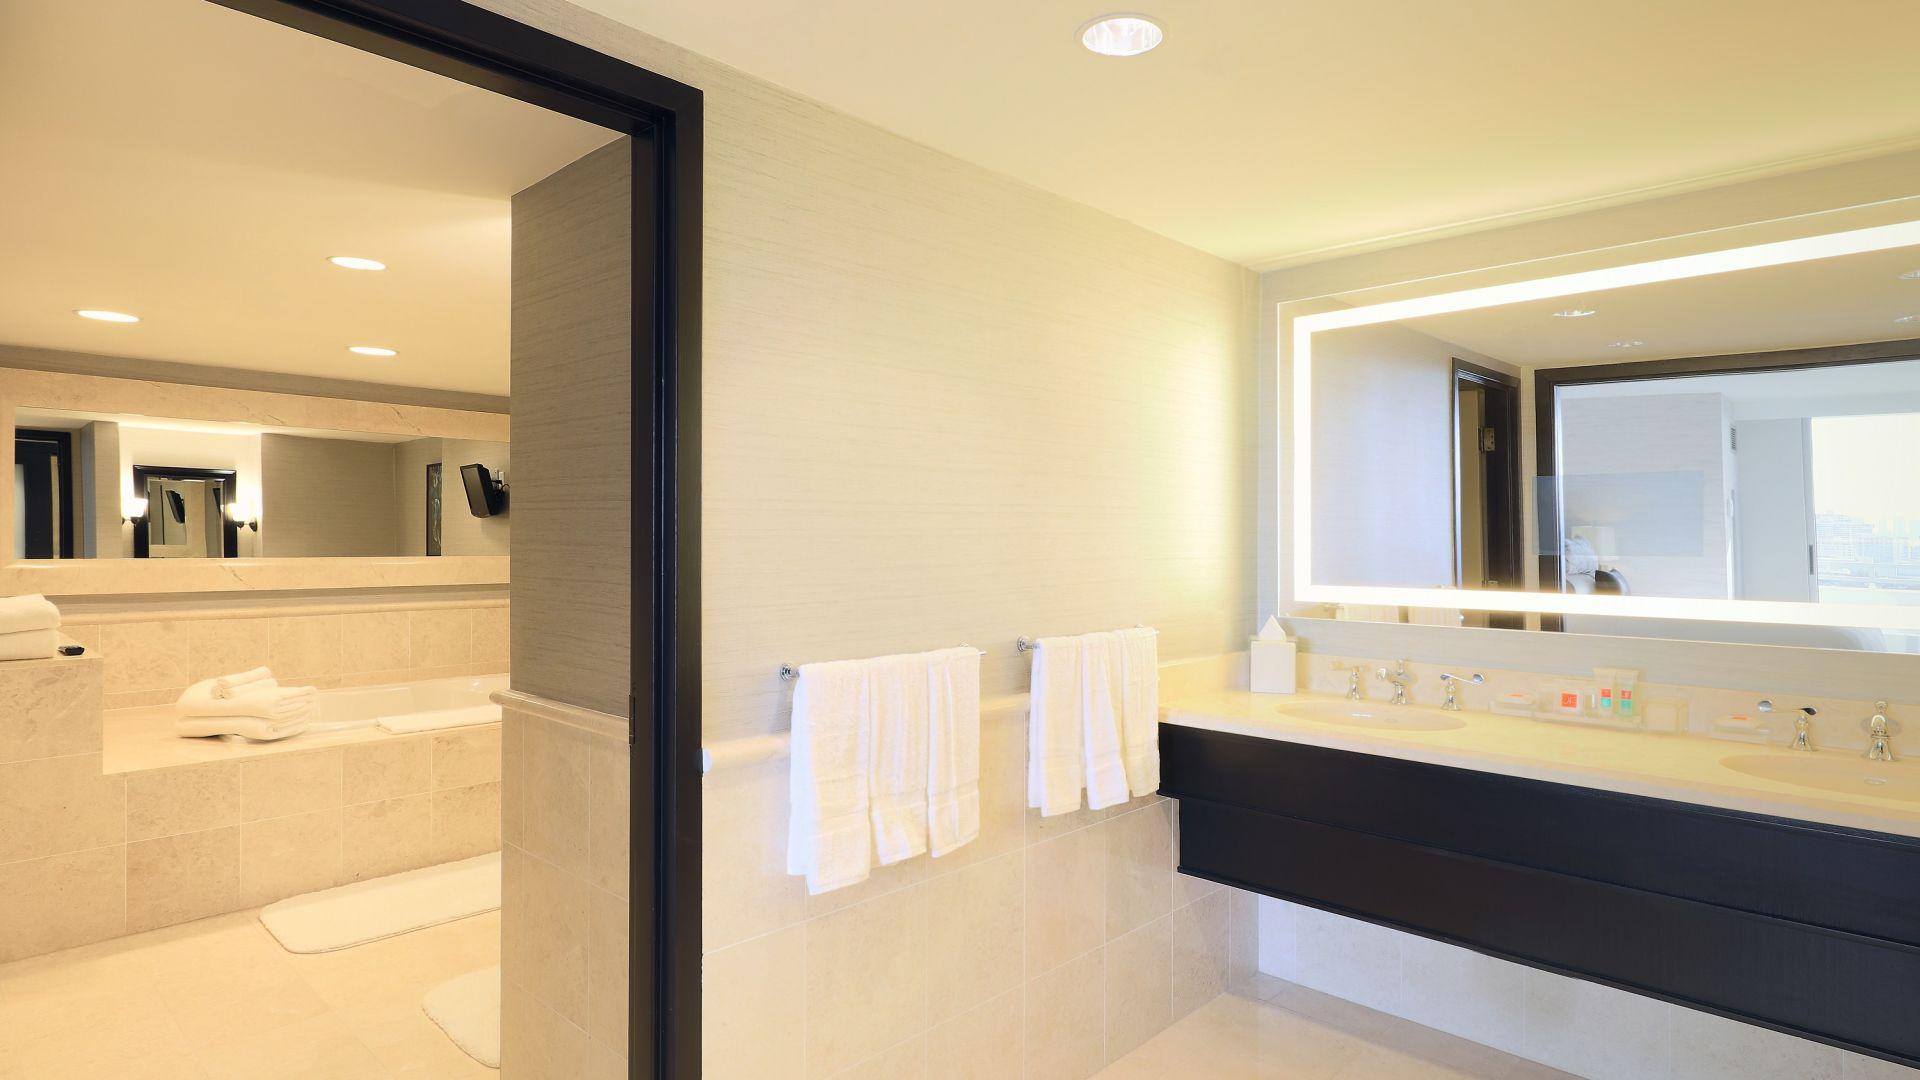 Ein Schlafzimmer mit einem großen Spiegel